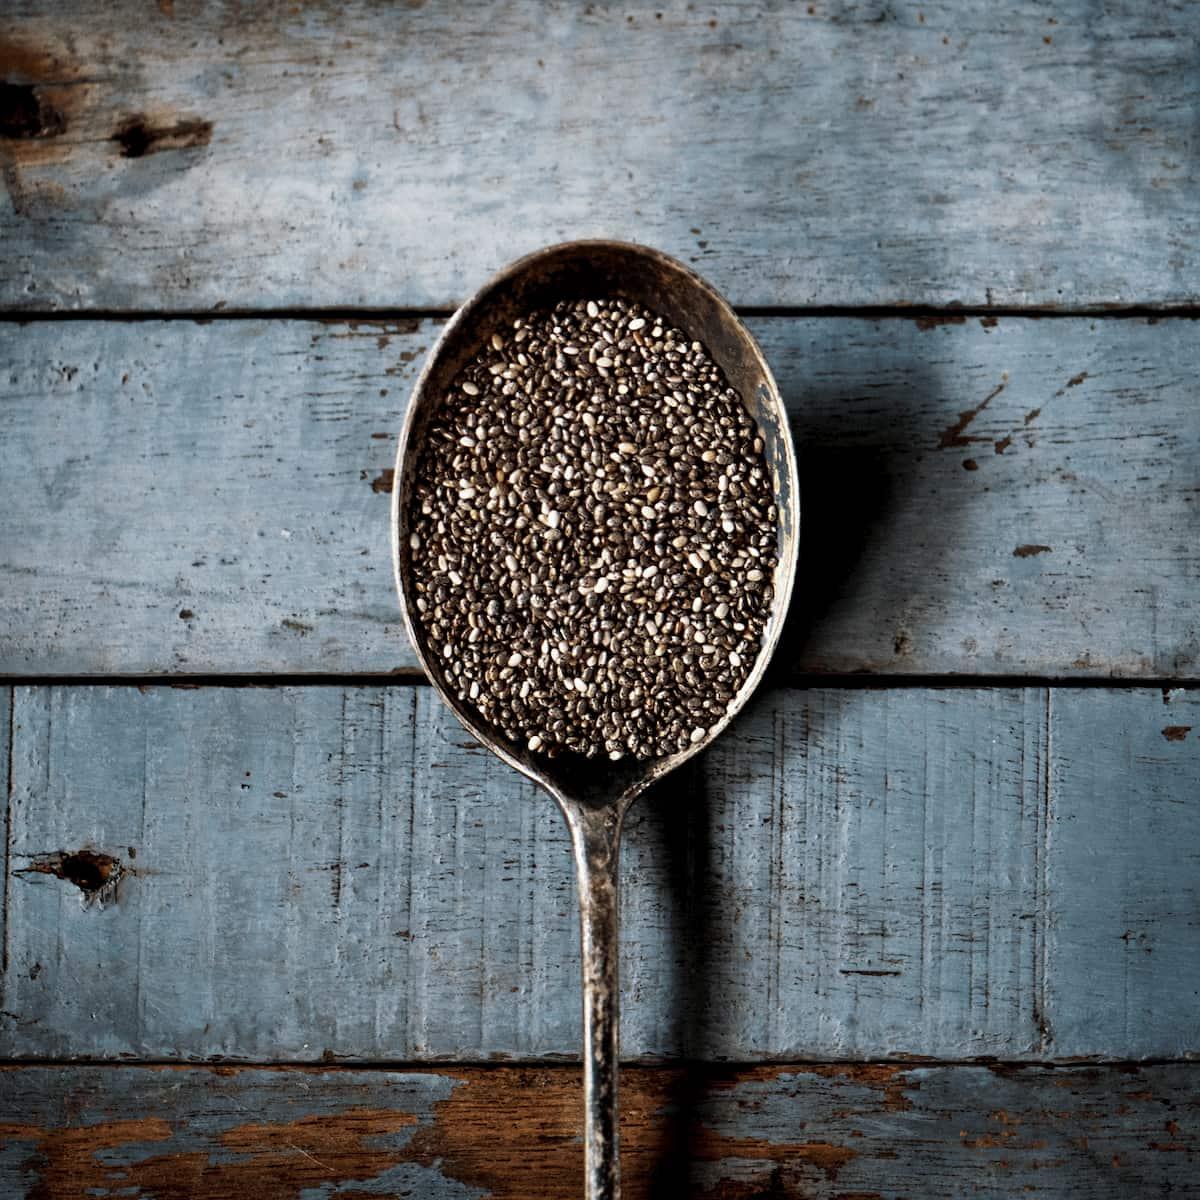 Semillas de chía en una cuchara